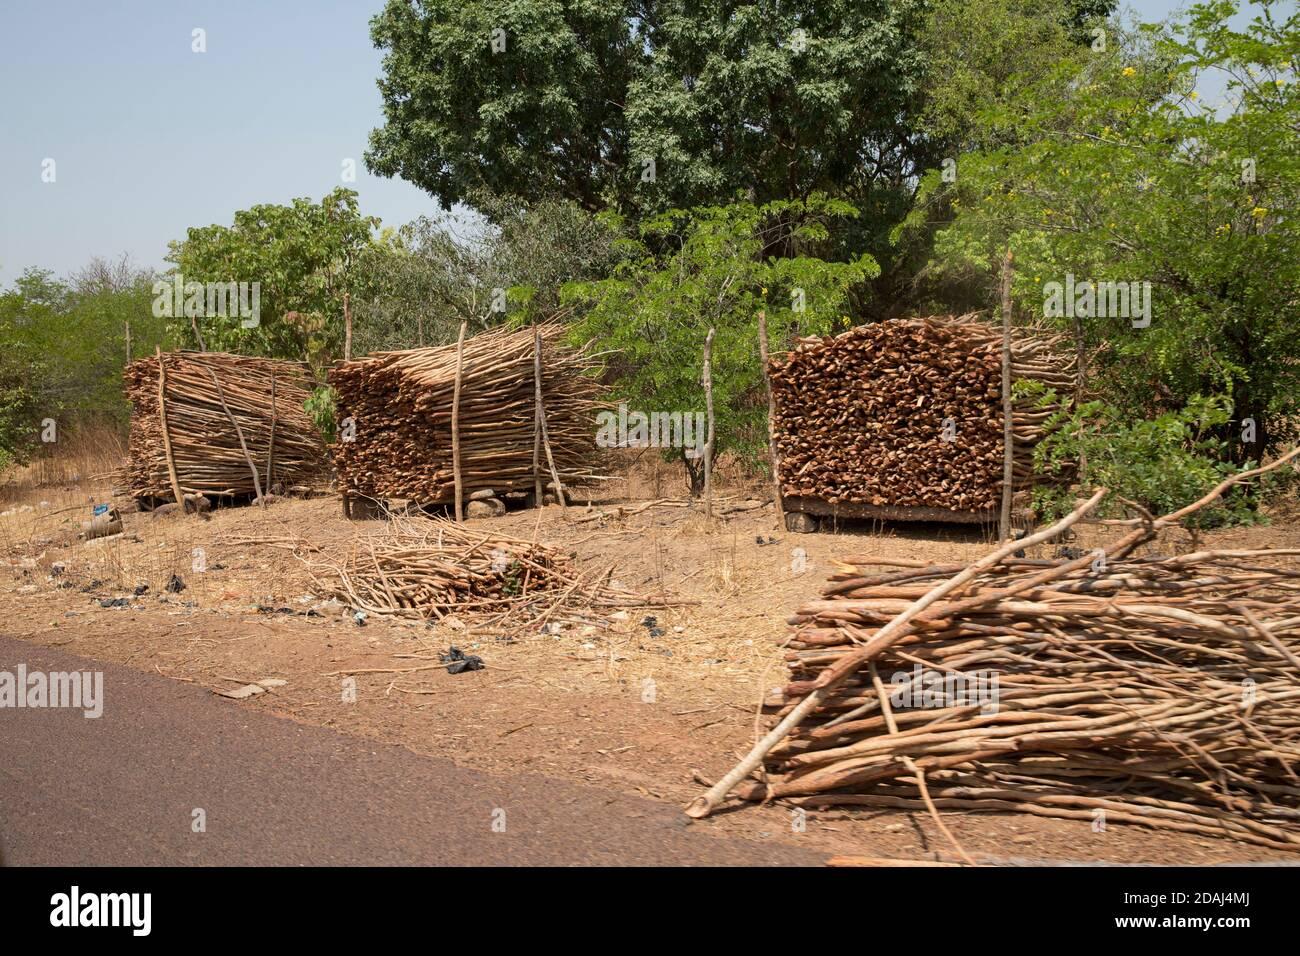 Région de Selingue, Mali, 25 avril 2015; Bois de chauffage de la forêt coupé pour le bois de chauffage en vente sur le bord de la route. Banque D'Images